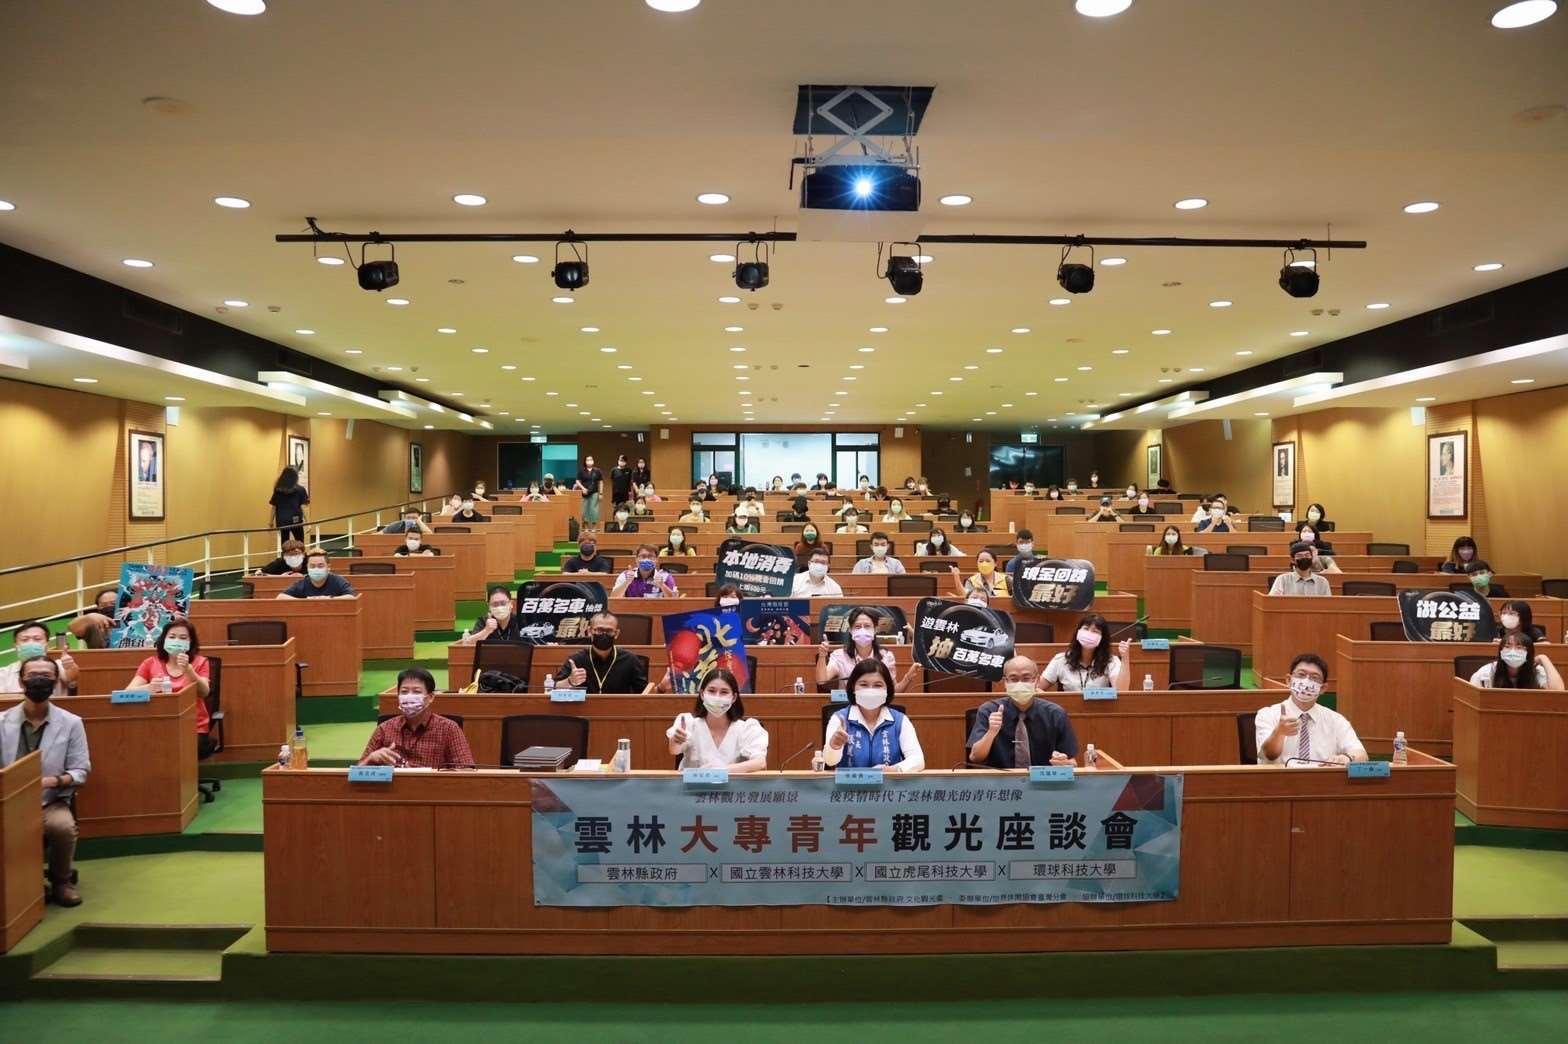 20211006青年觀光座談會-大合照